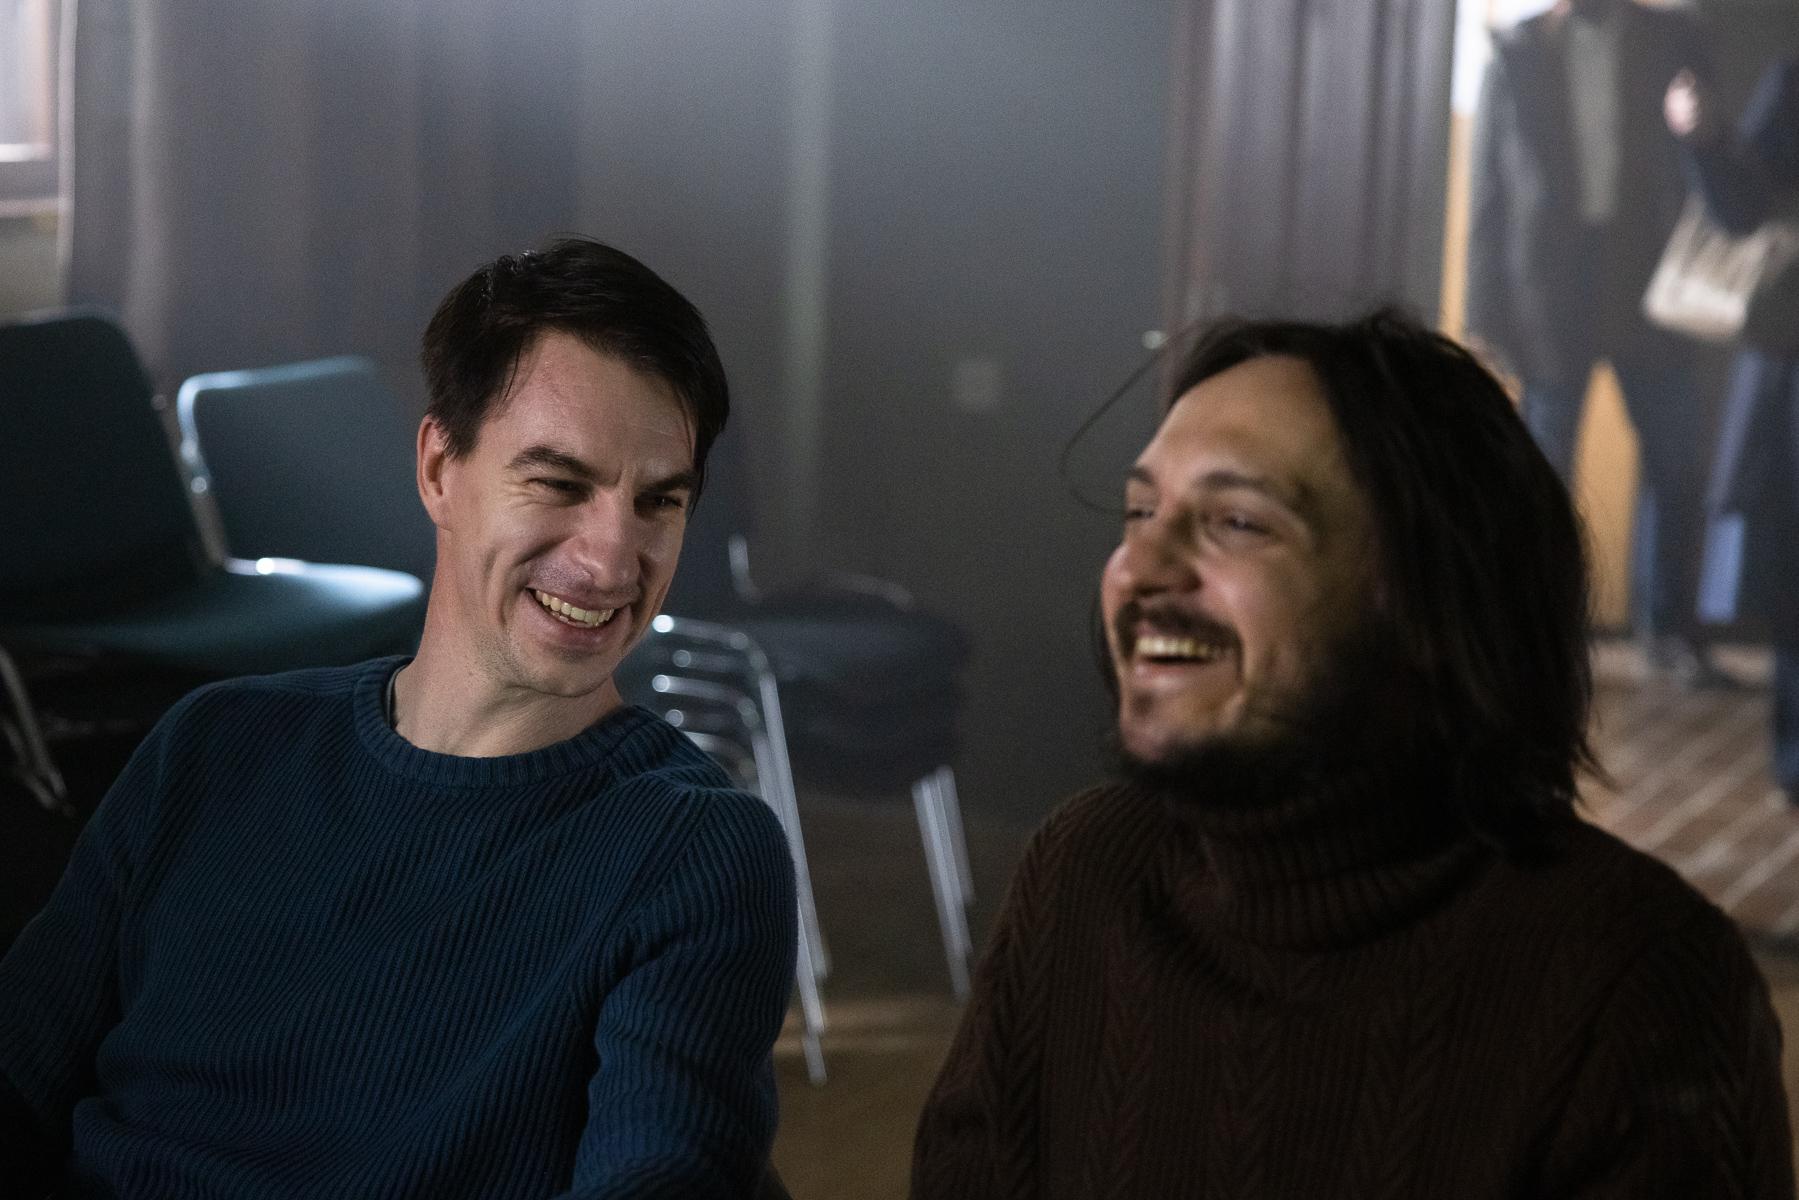 Actors Jure Henigman and Blaž Setnikar on the set of Wake Me.